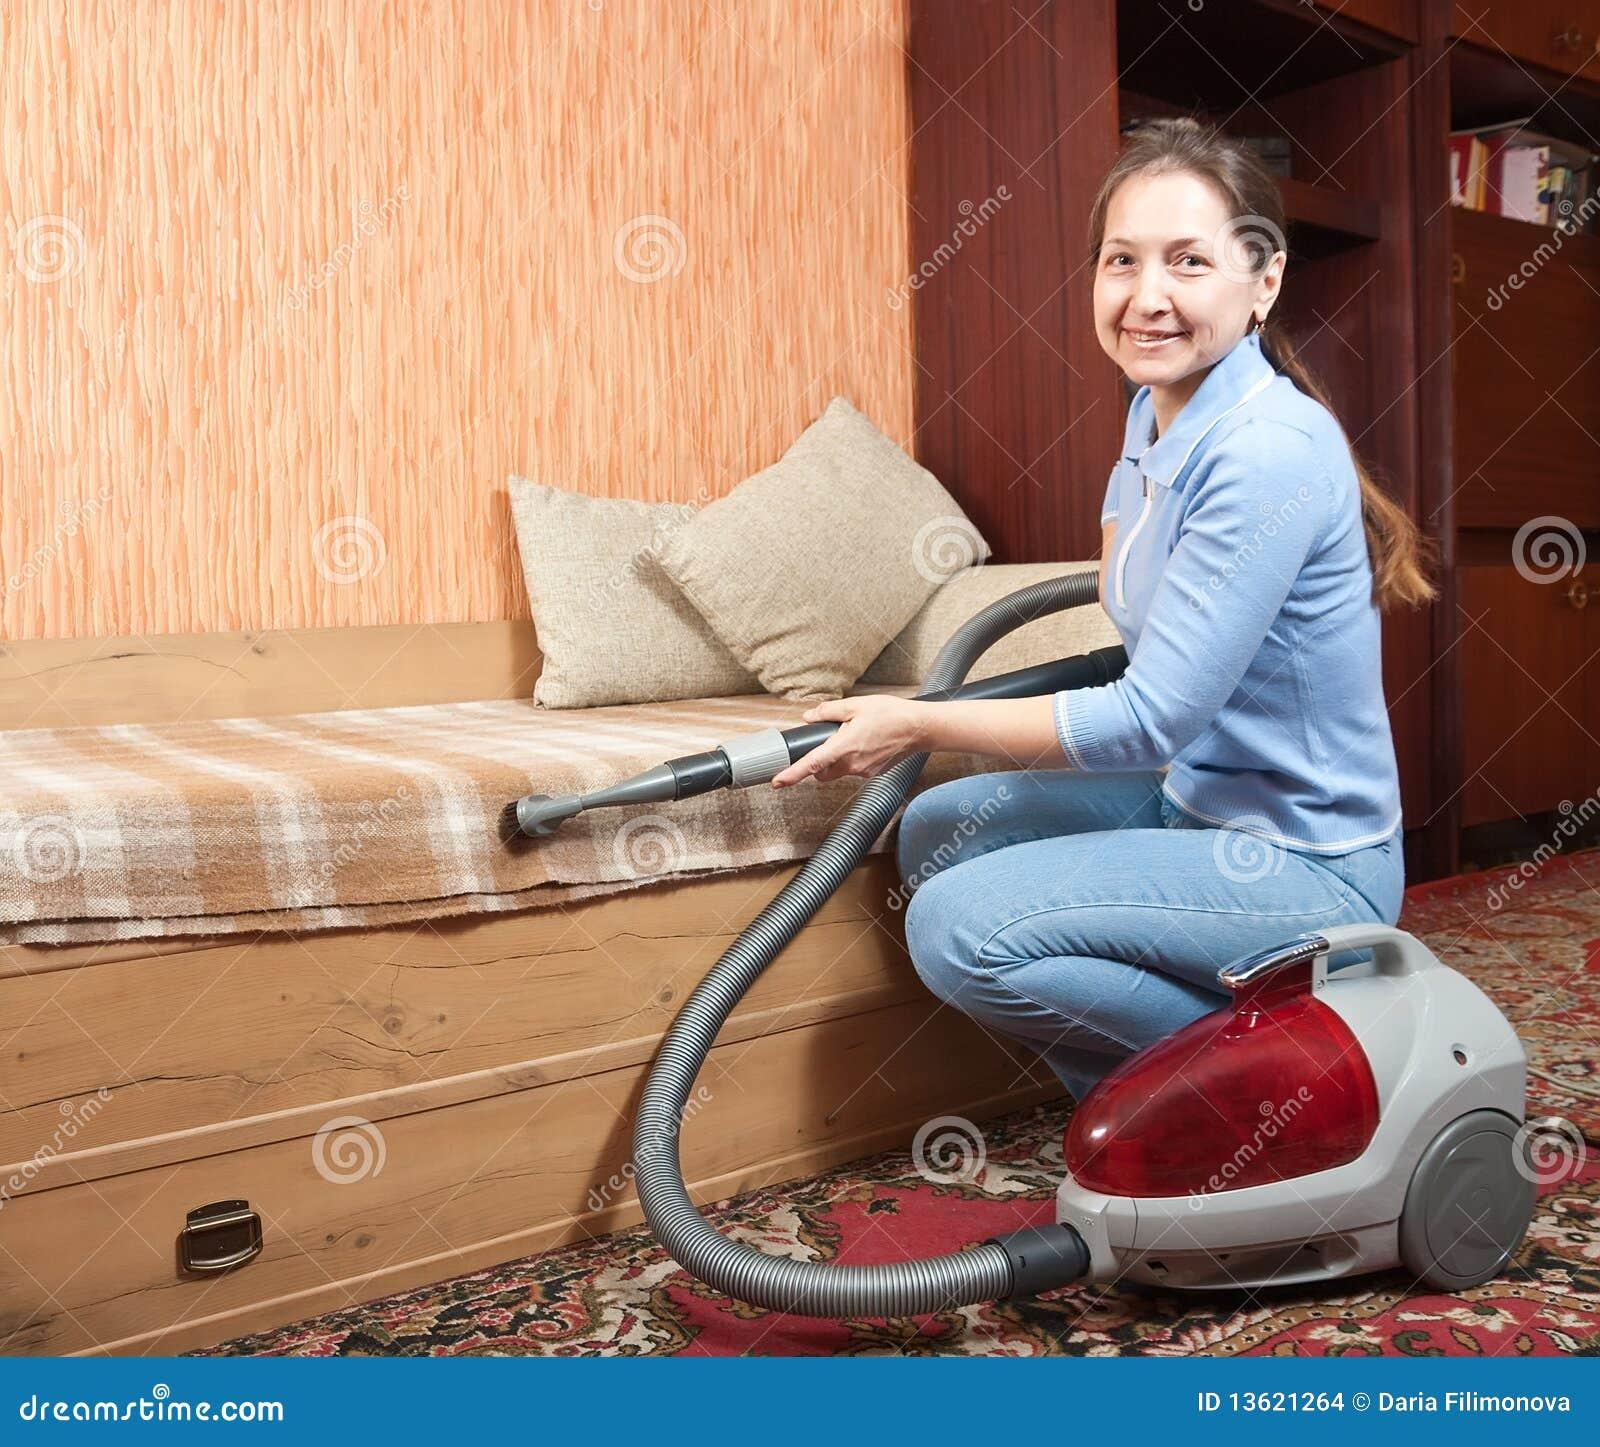 Vrouwen die haar woonkamer schoonmaken stock afbeeldingen afbeelding 13621264 - Naakt in haar woonkamer ...